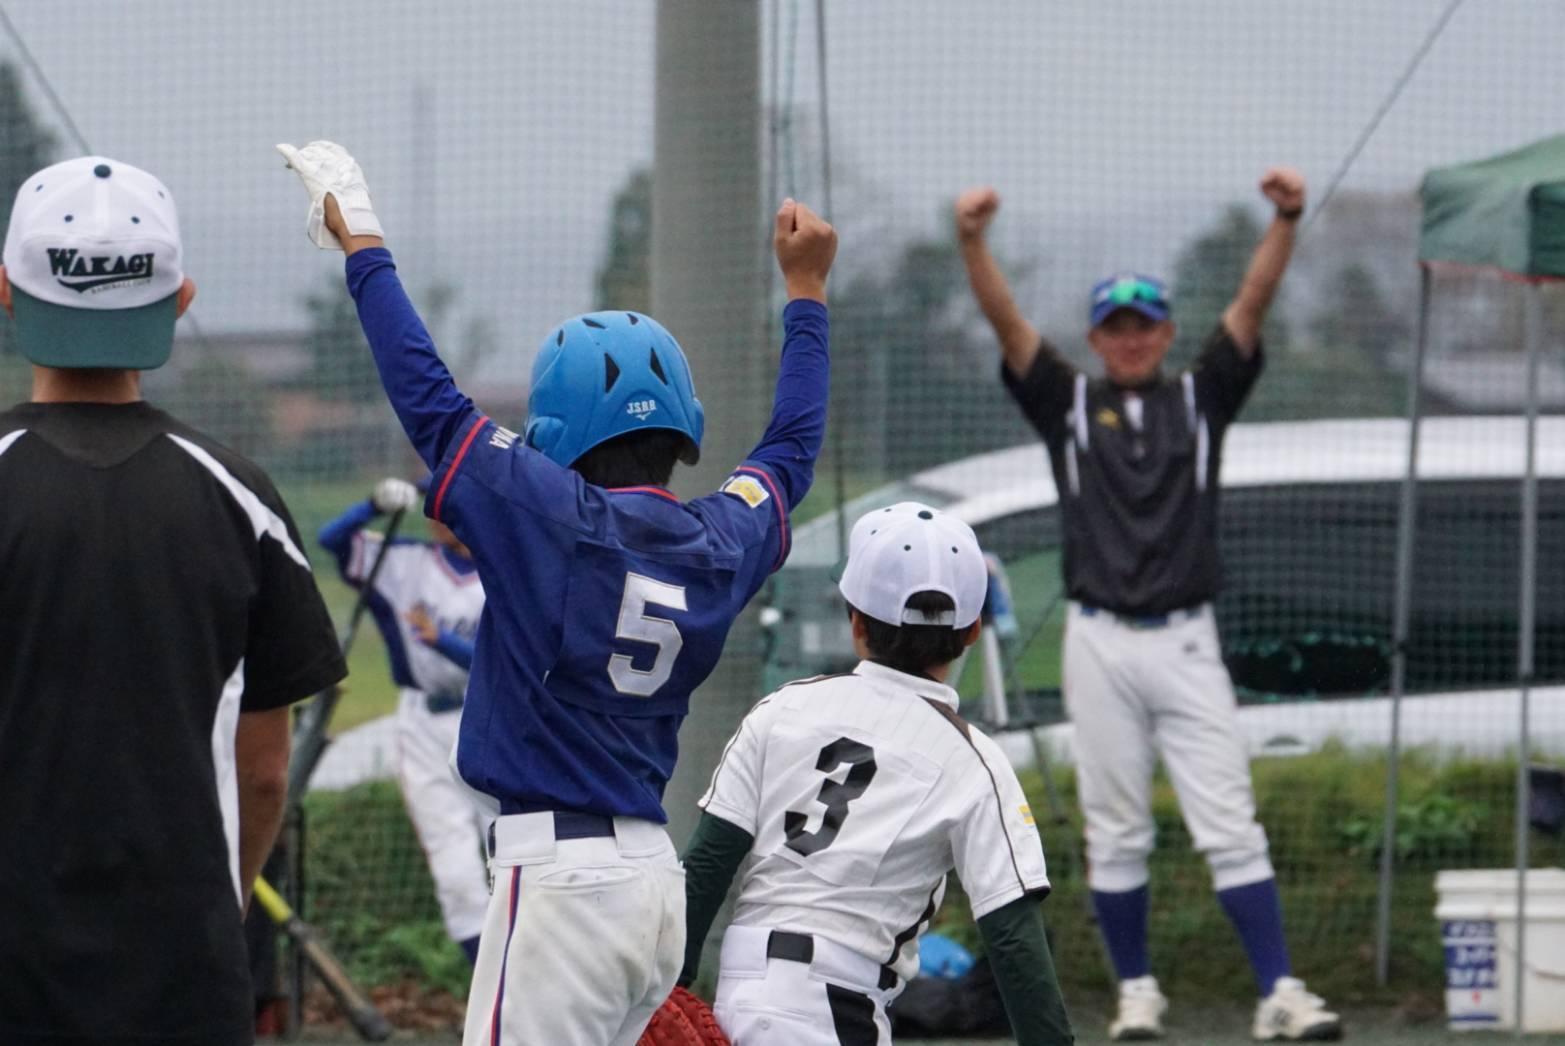 新潟日報チャレンジカップ野球大会 優勝しましたぁー!(^^)_b0095176_10484128.jpeg